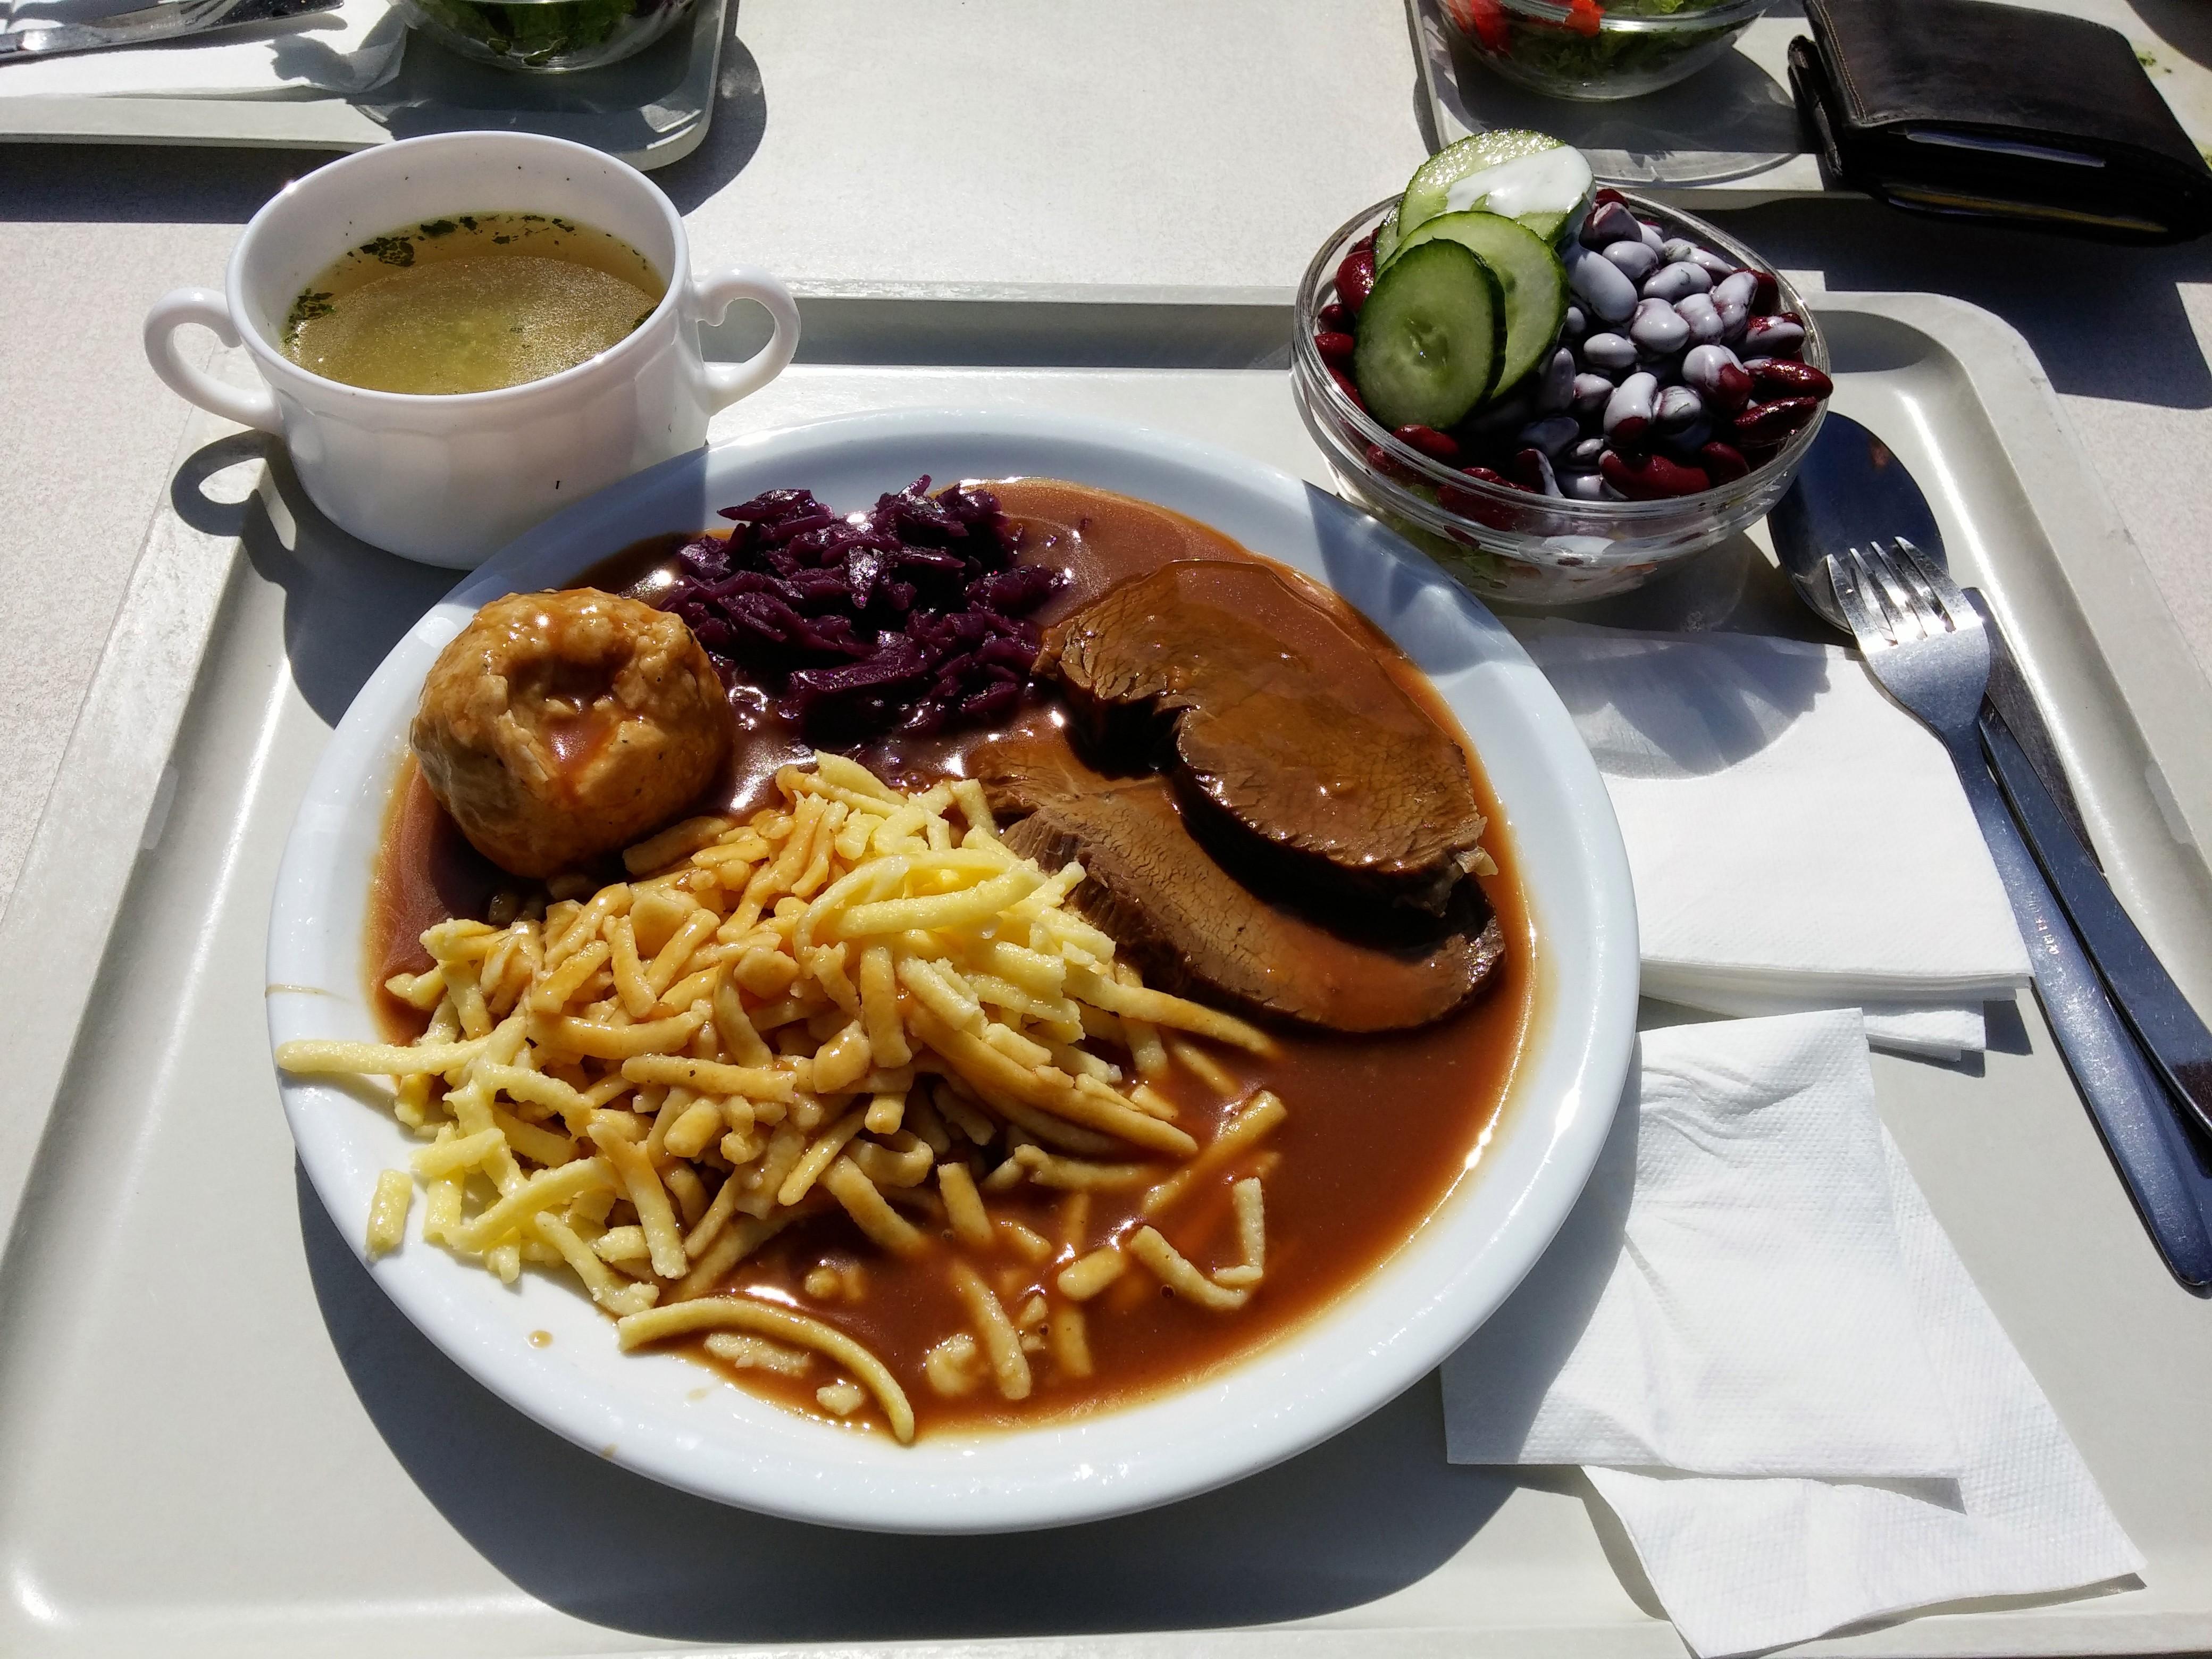 https://foodloader.net/nico_2014-08-20_sauerbraten-mit-spaetzle-knoedel-rotkraut-suppe-und-salat.jpg